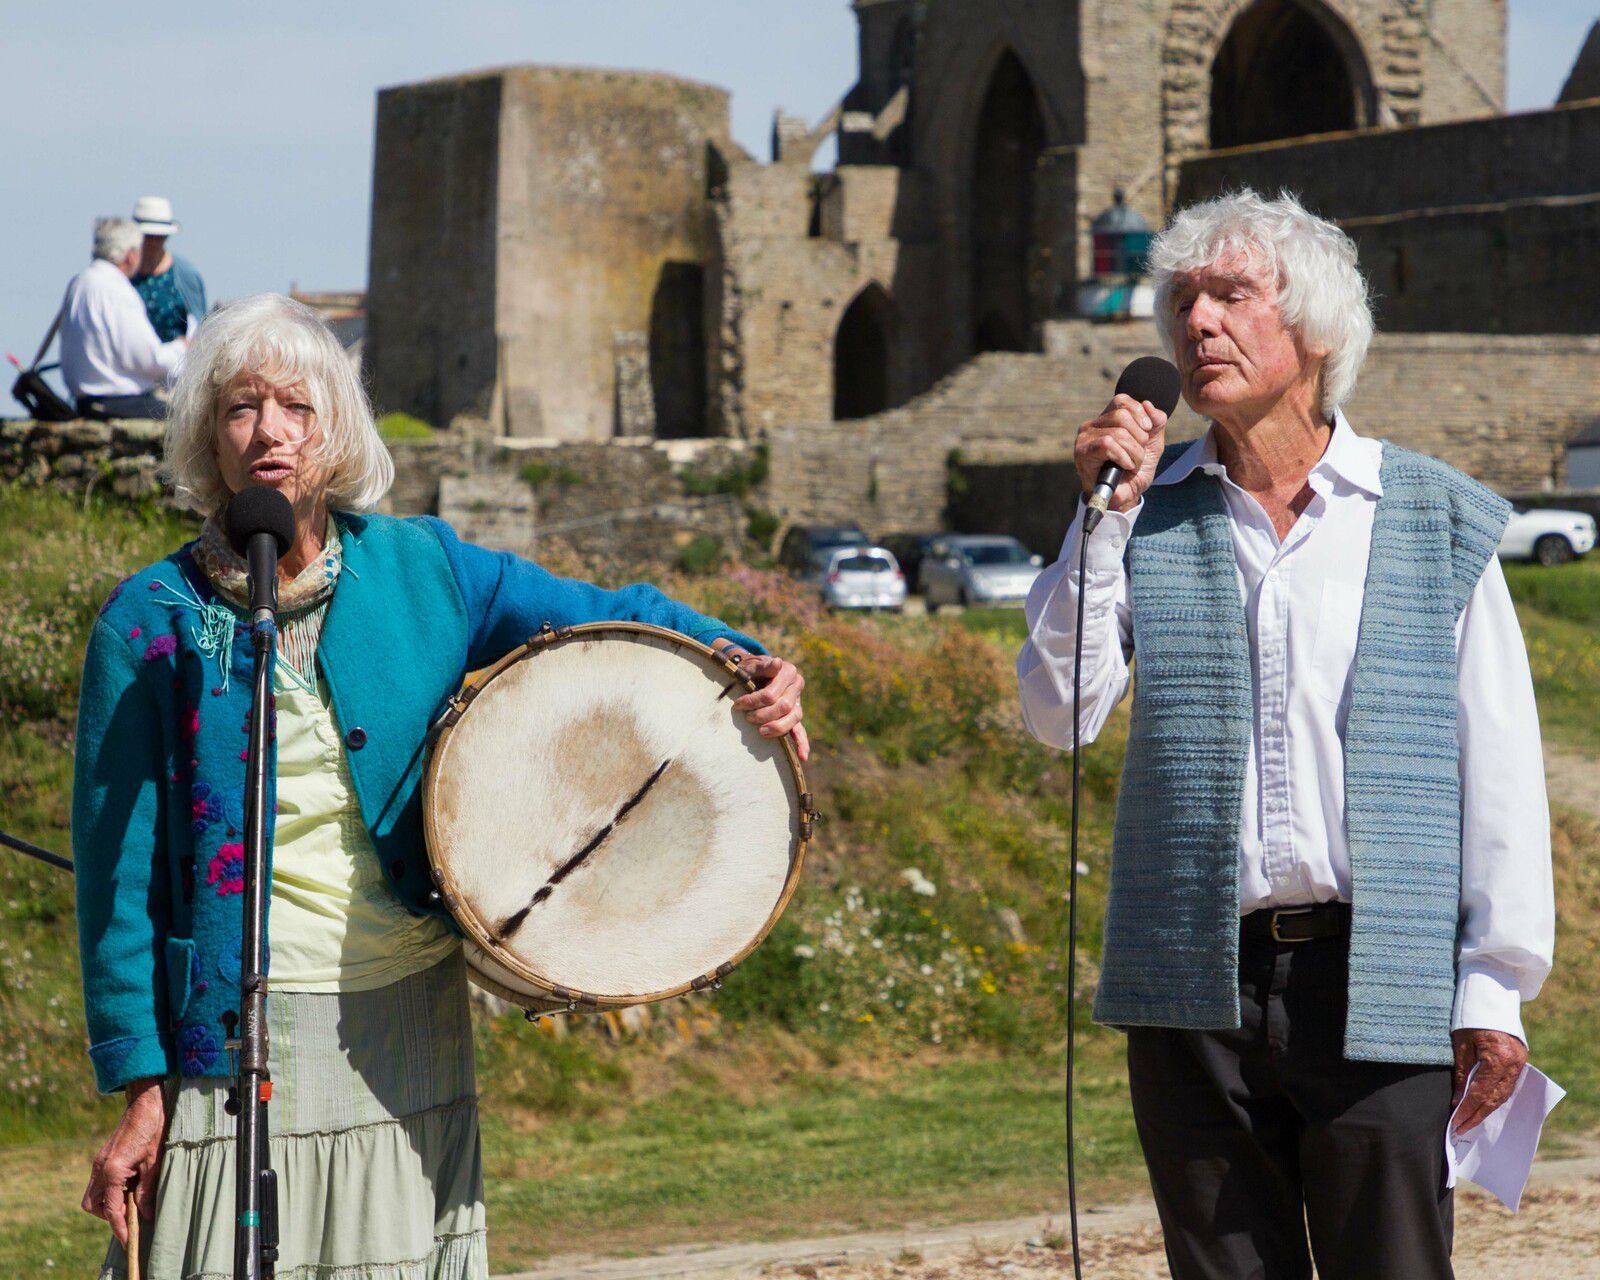 Cérémonie sur l'esplanade du Souvenir Français Corinne Shorp et Maxime Piolot - Photographie : JJ Tréguer (Aux Marins)